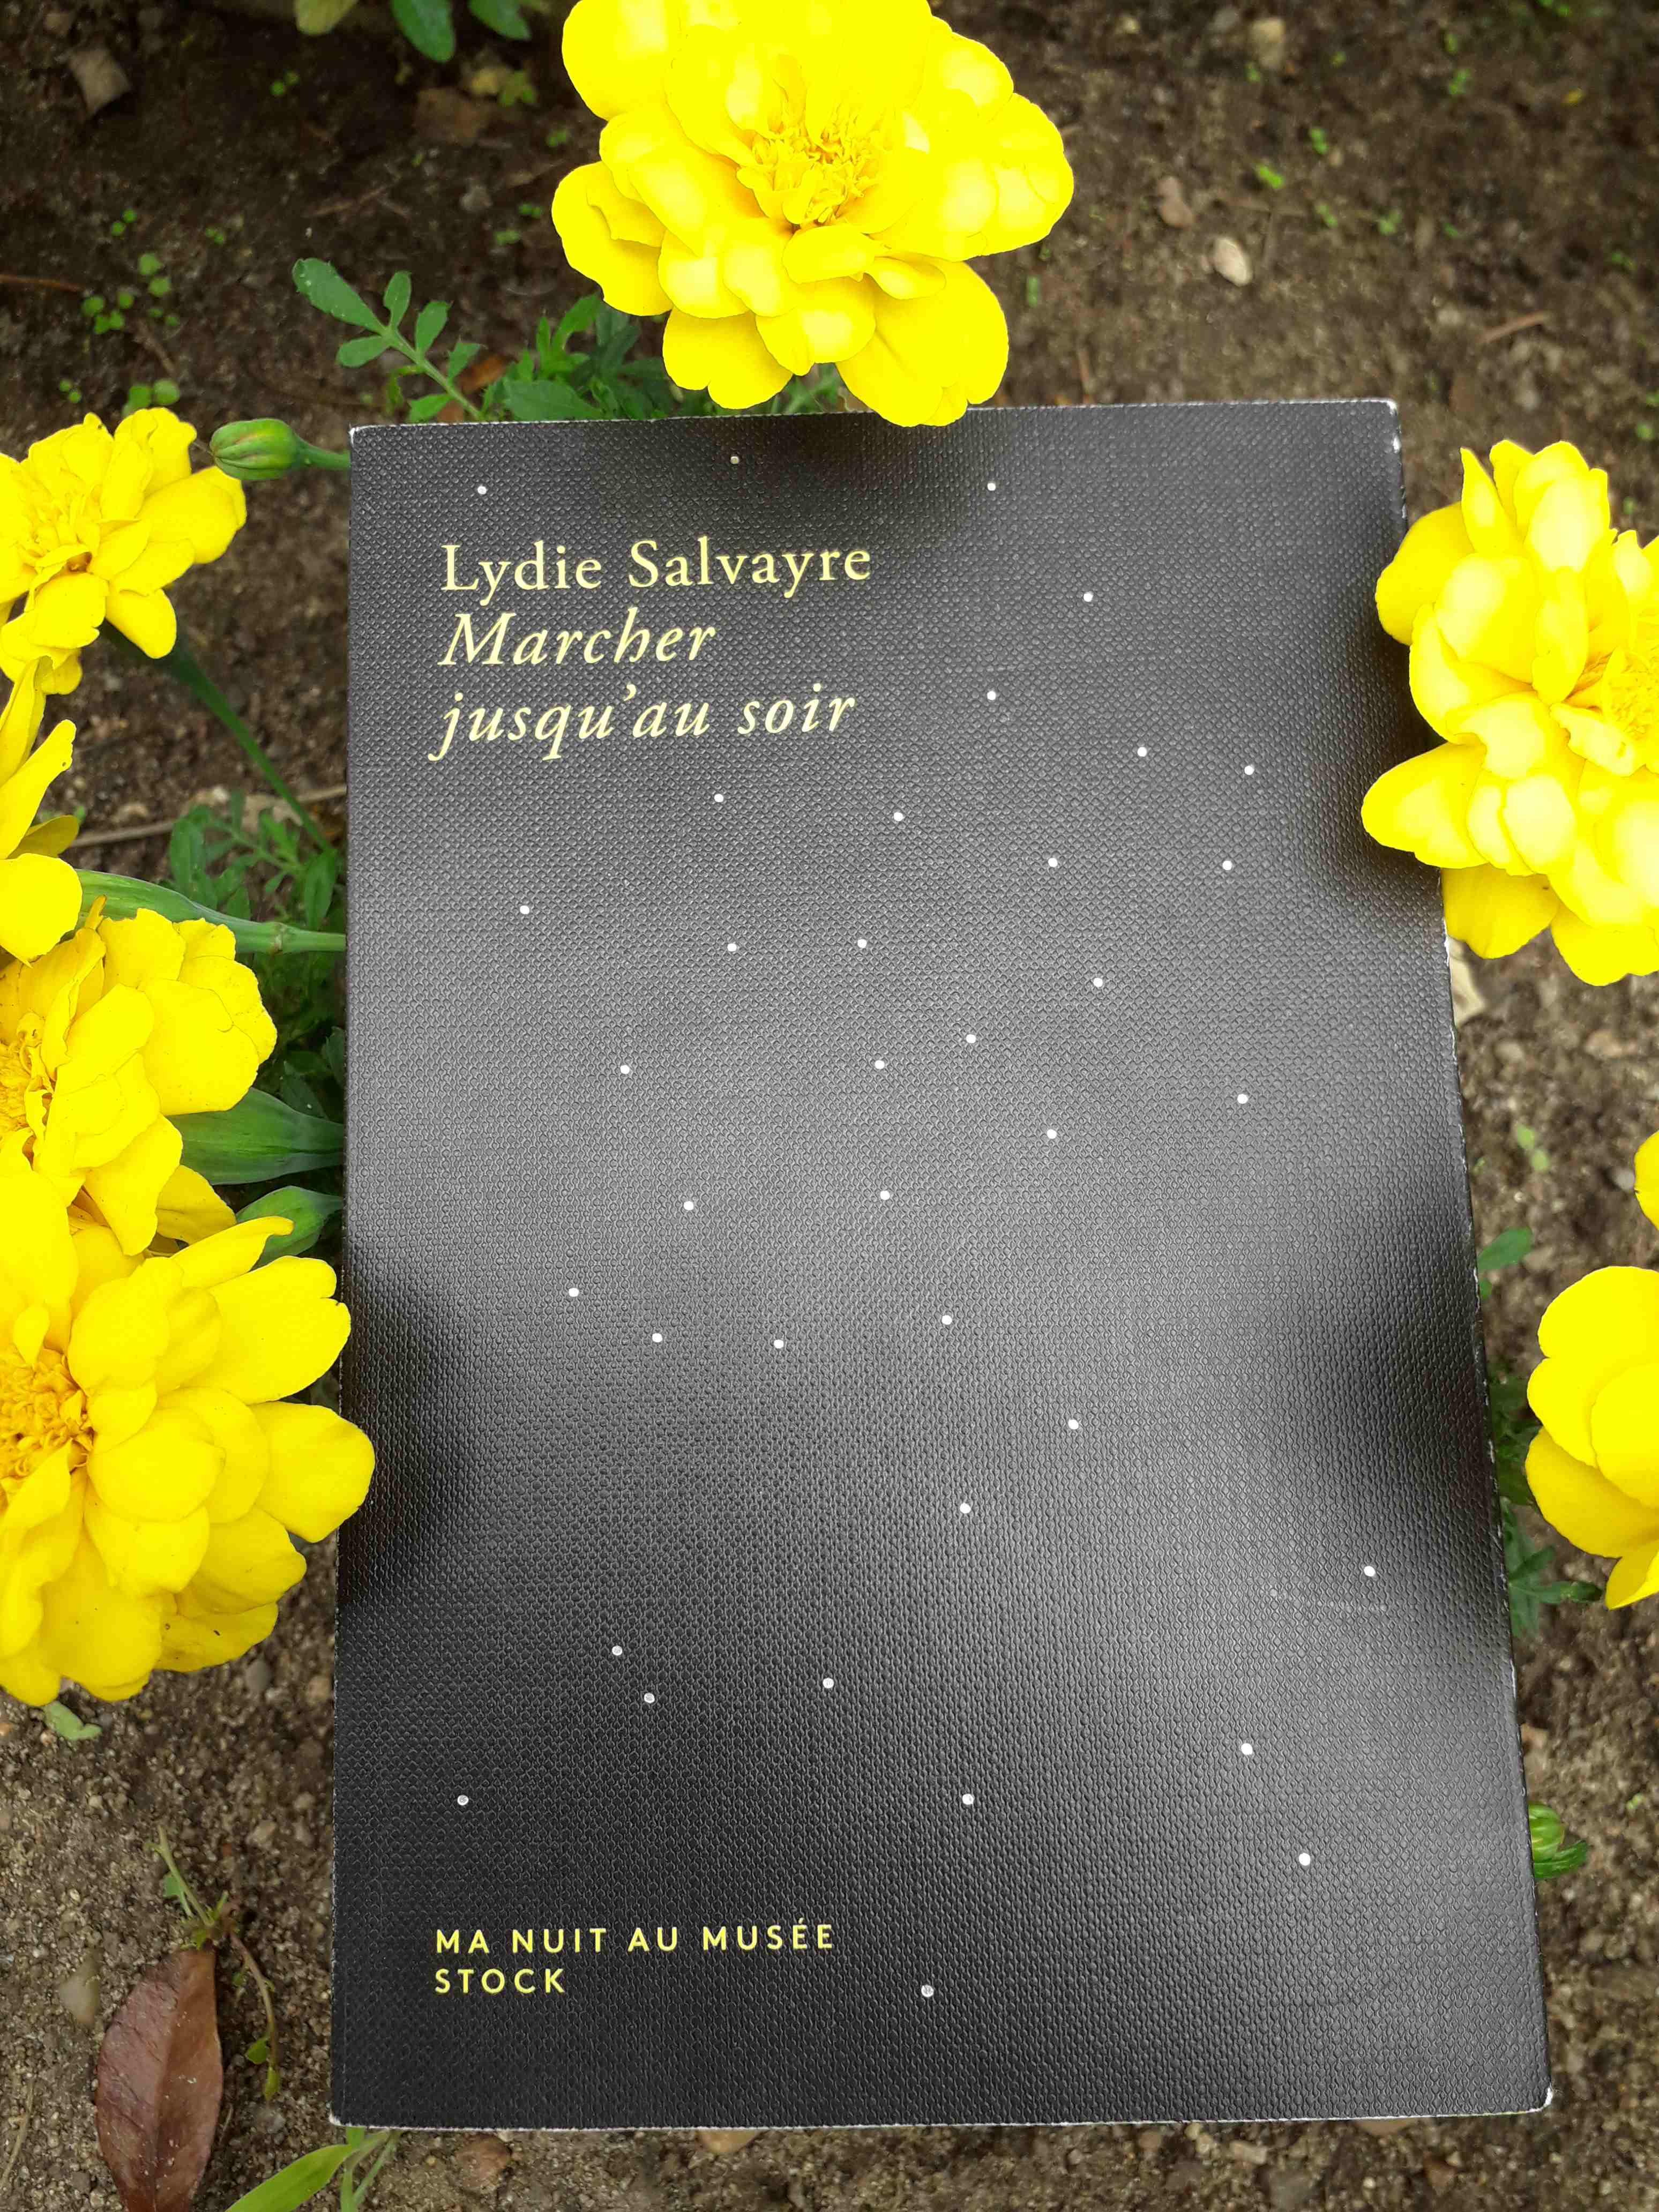 Lydie Salvayre Marcher Jusqu'au Soir : lydie, salvayre, marcher, jusqu'au, Lydie, SALVAYRE,, Marcher, Jusqu'au, Soir,, Musée, Notes, Critiques, Clés, Bibliofeel